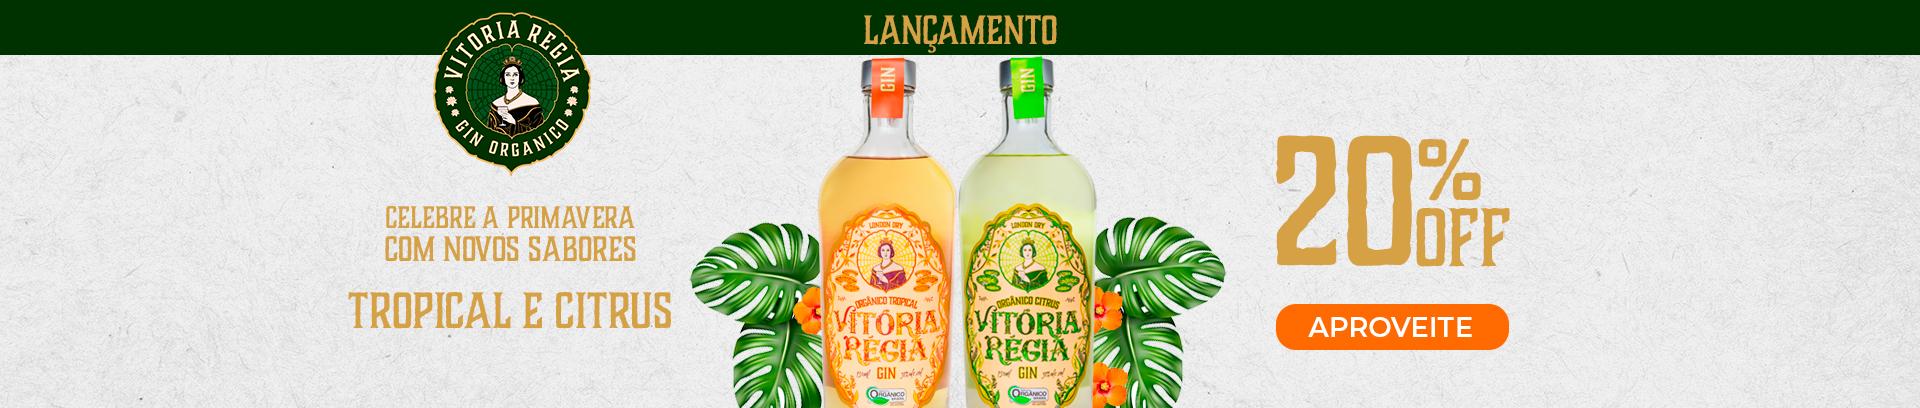 Home | Vitoria Regia